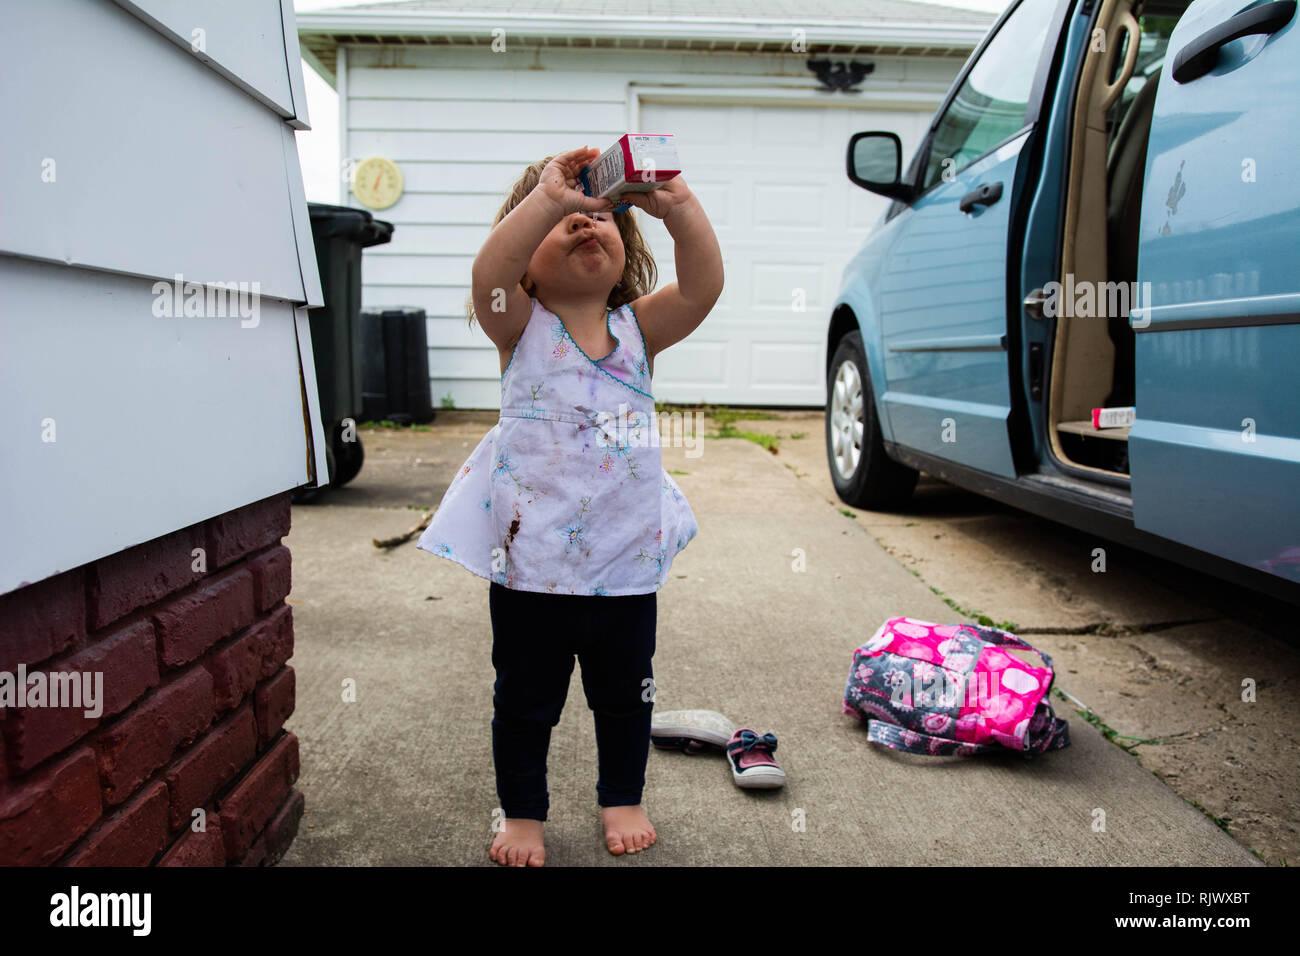 A 2 ans, prend un verre de jus d'une boîte sur une journée chaude à l'extérieur d'un van avec la porte ouverte. Photo Stock